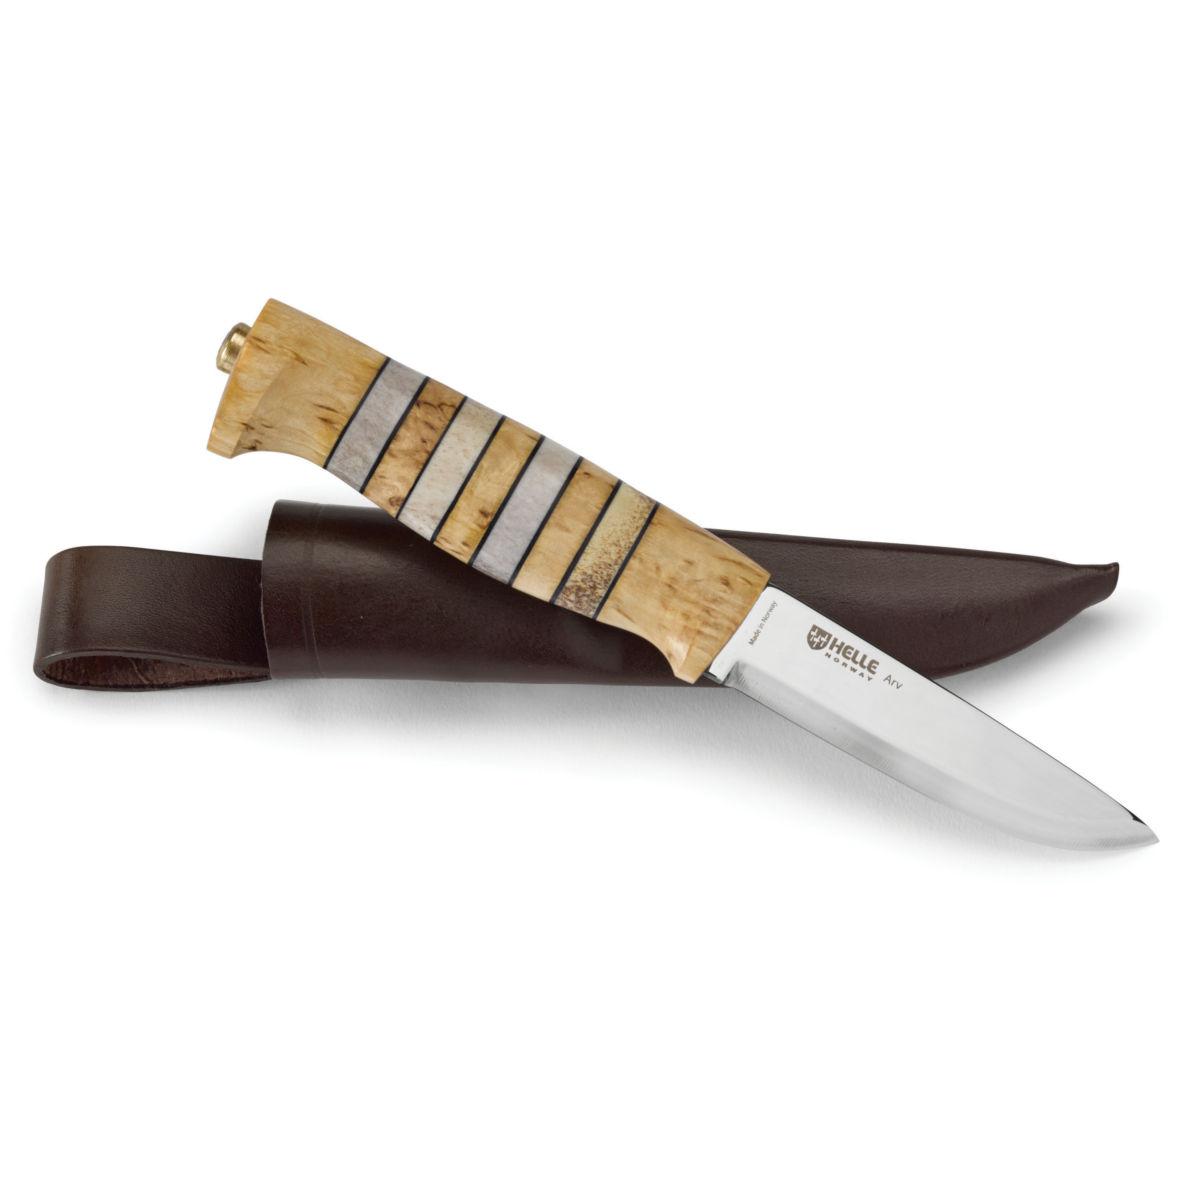 Helle Arv Knife - image number 0